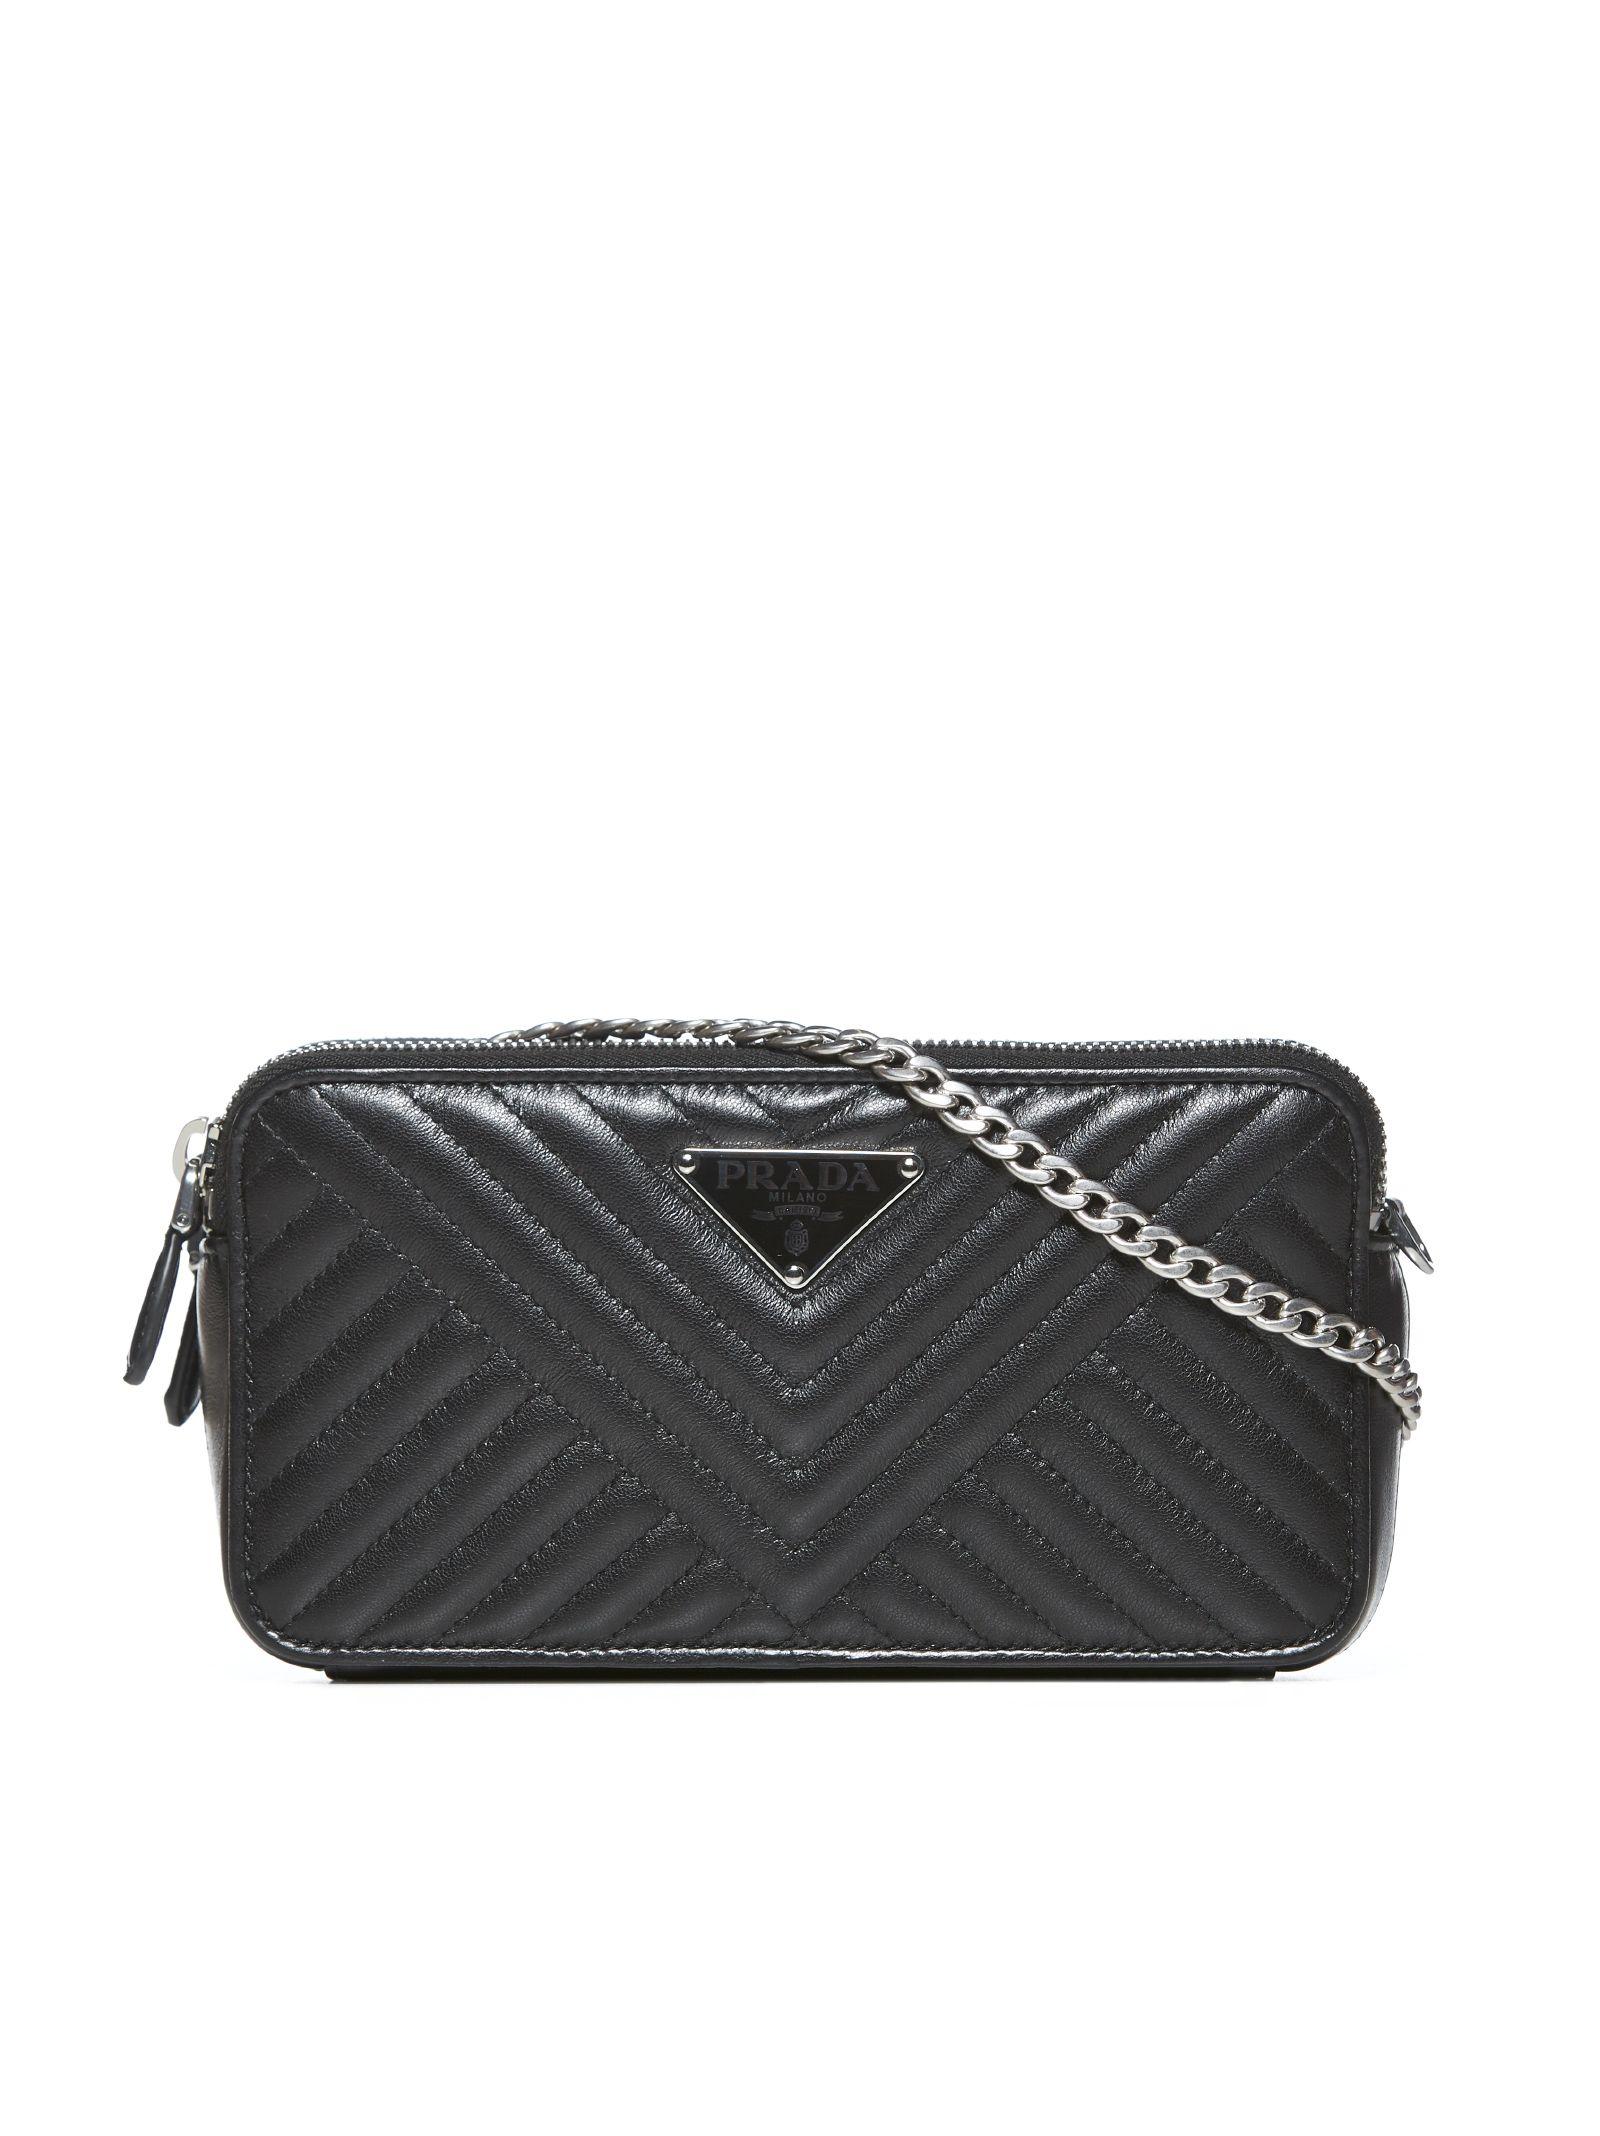 3806ffebeabc Prada Prada Quilted Shoulder Bag - Nero - 10904039 | italist